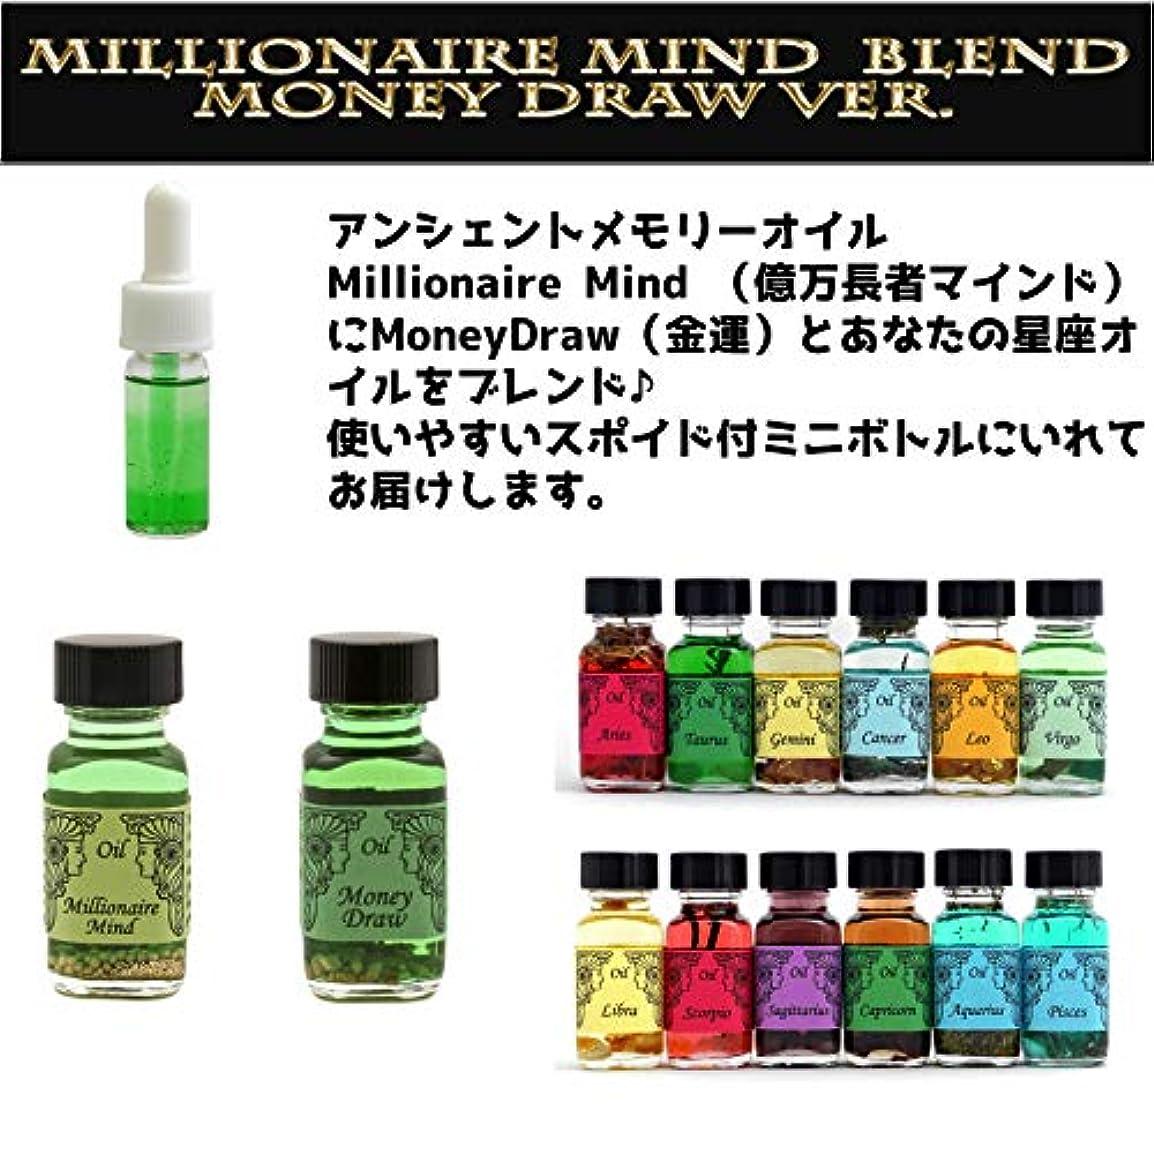 ストリーム潤滑するポジティブアンシェントメモリーオイル Millionaire Mind 億万長者マインド ブレンド(Money Drawマネードロー(金運)&みずがめ座